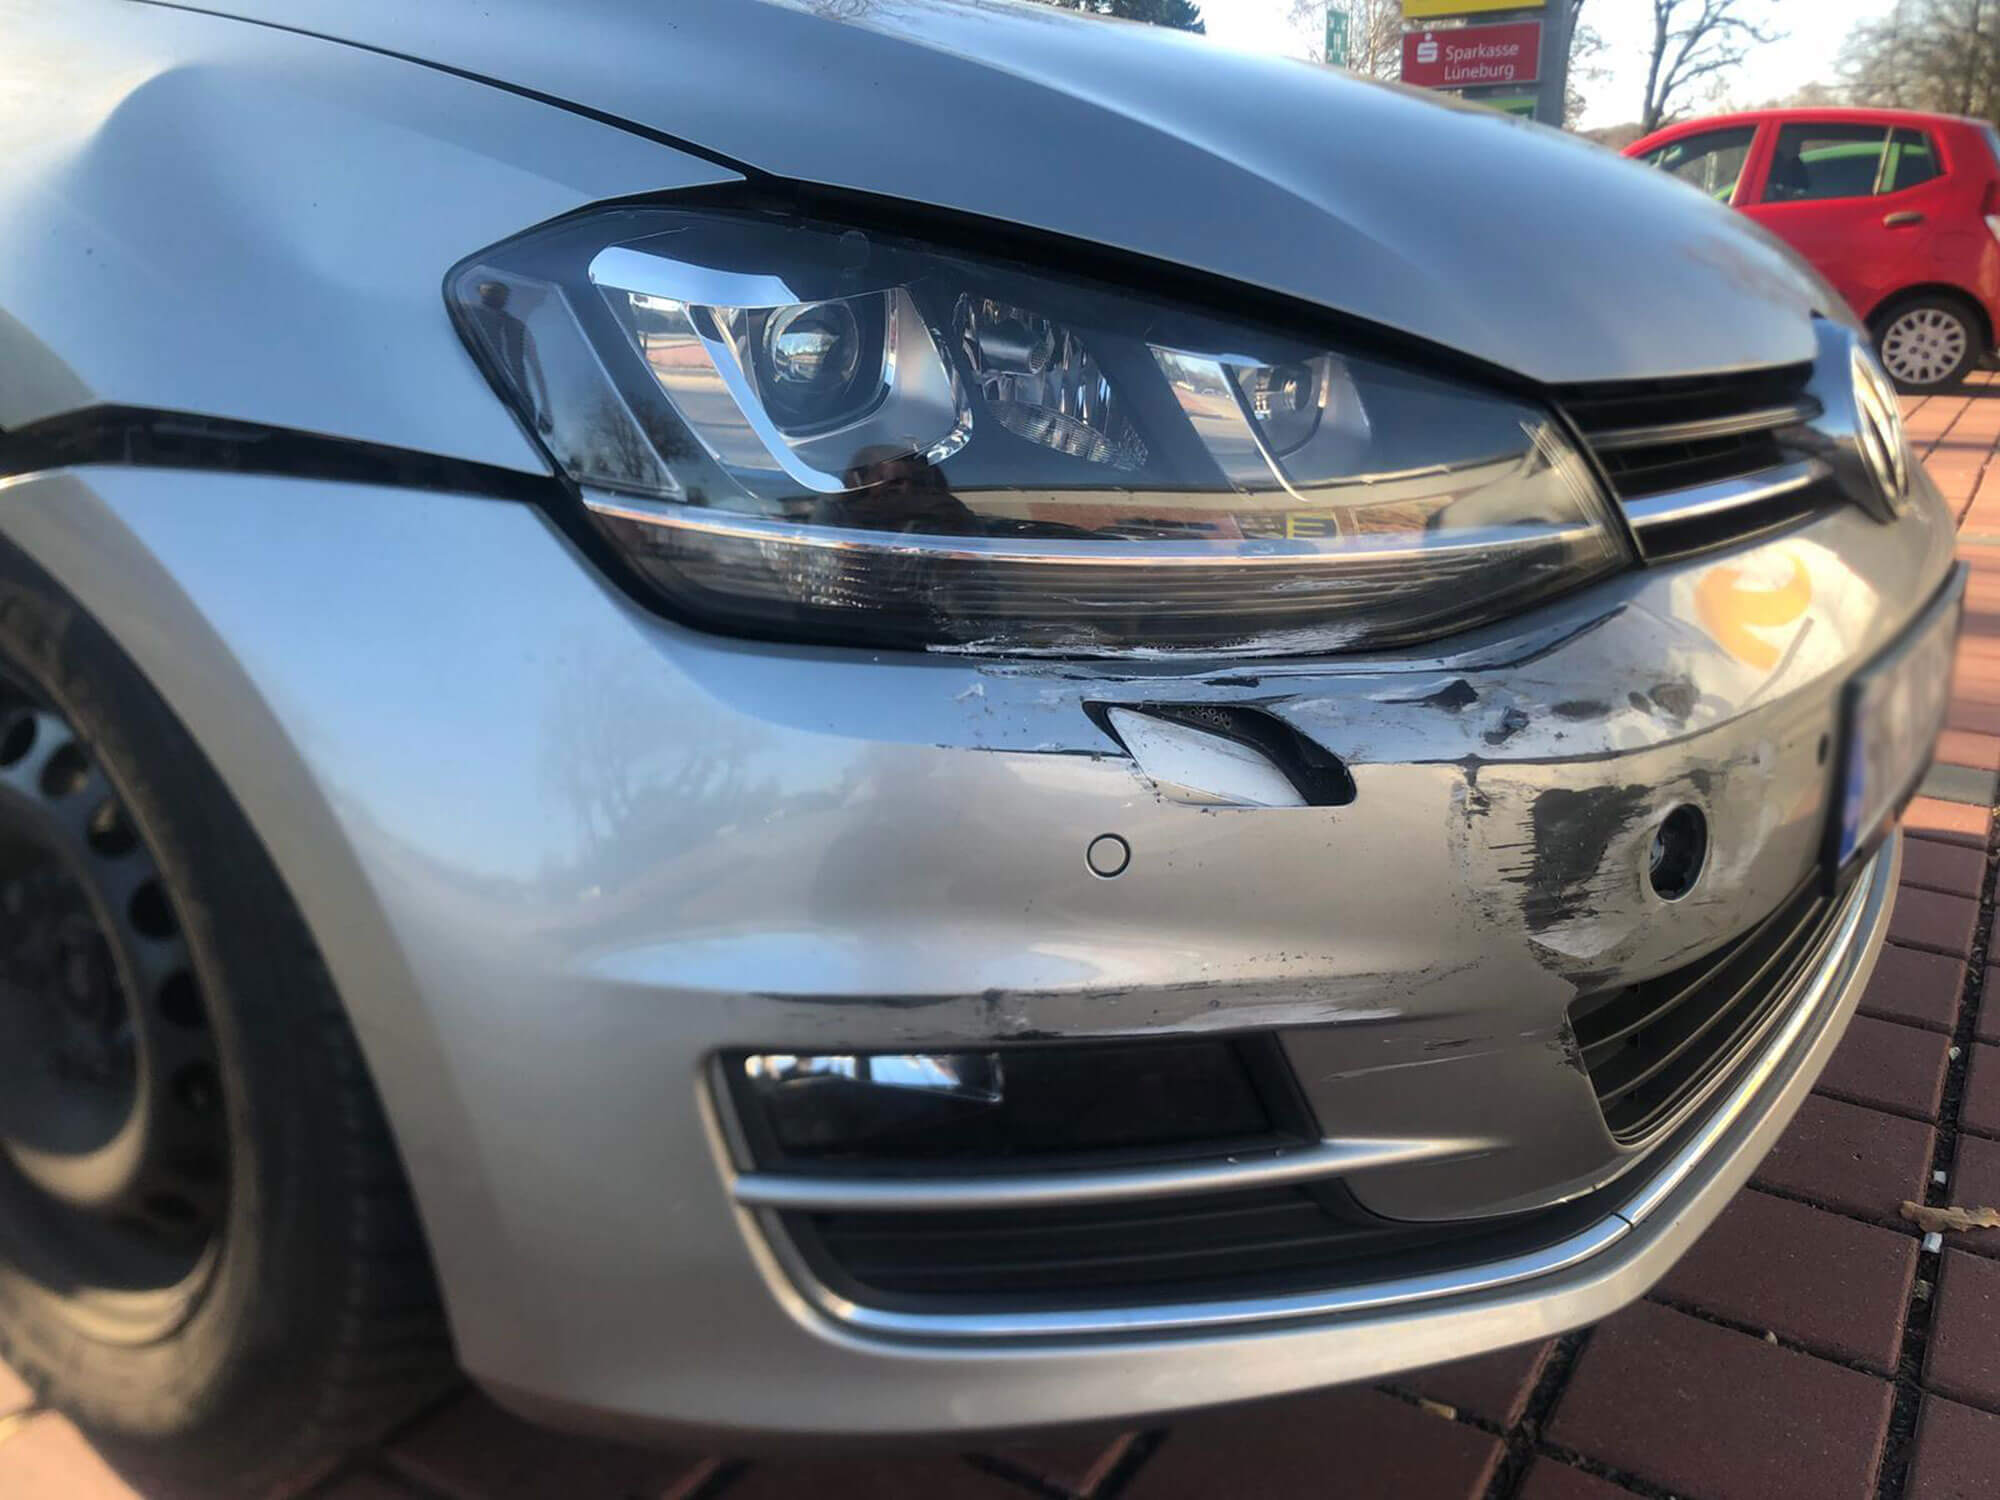 Kfz Gutachten in Hamburg von einm Frontalschaden am Mercedes Benz